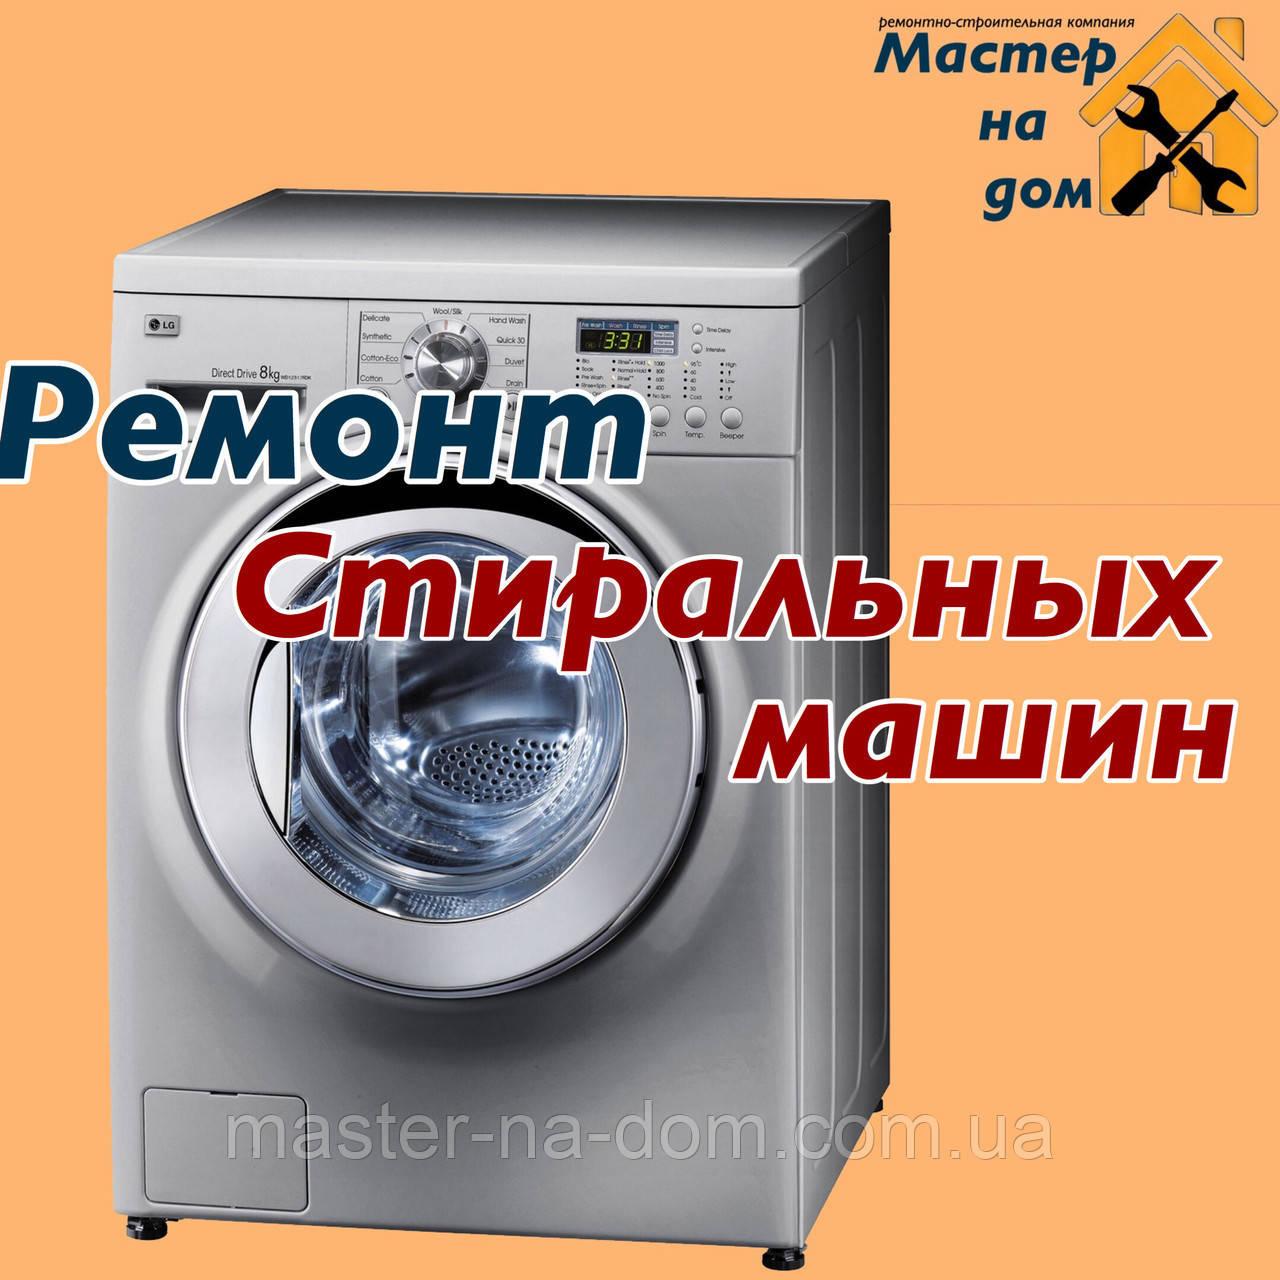 Ремонт стиральных машин во Львове